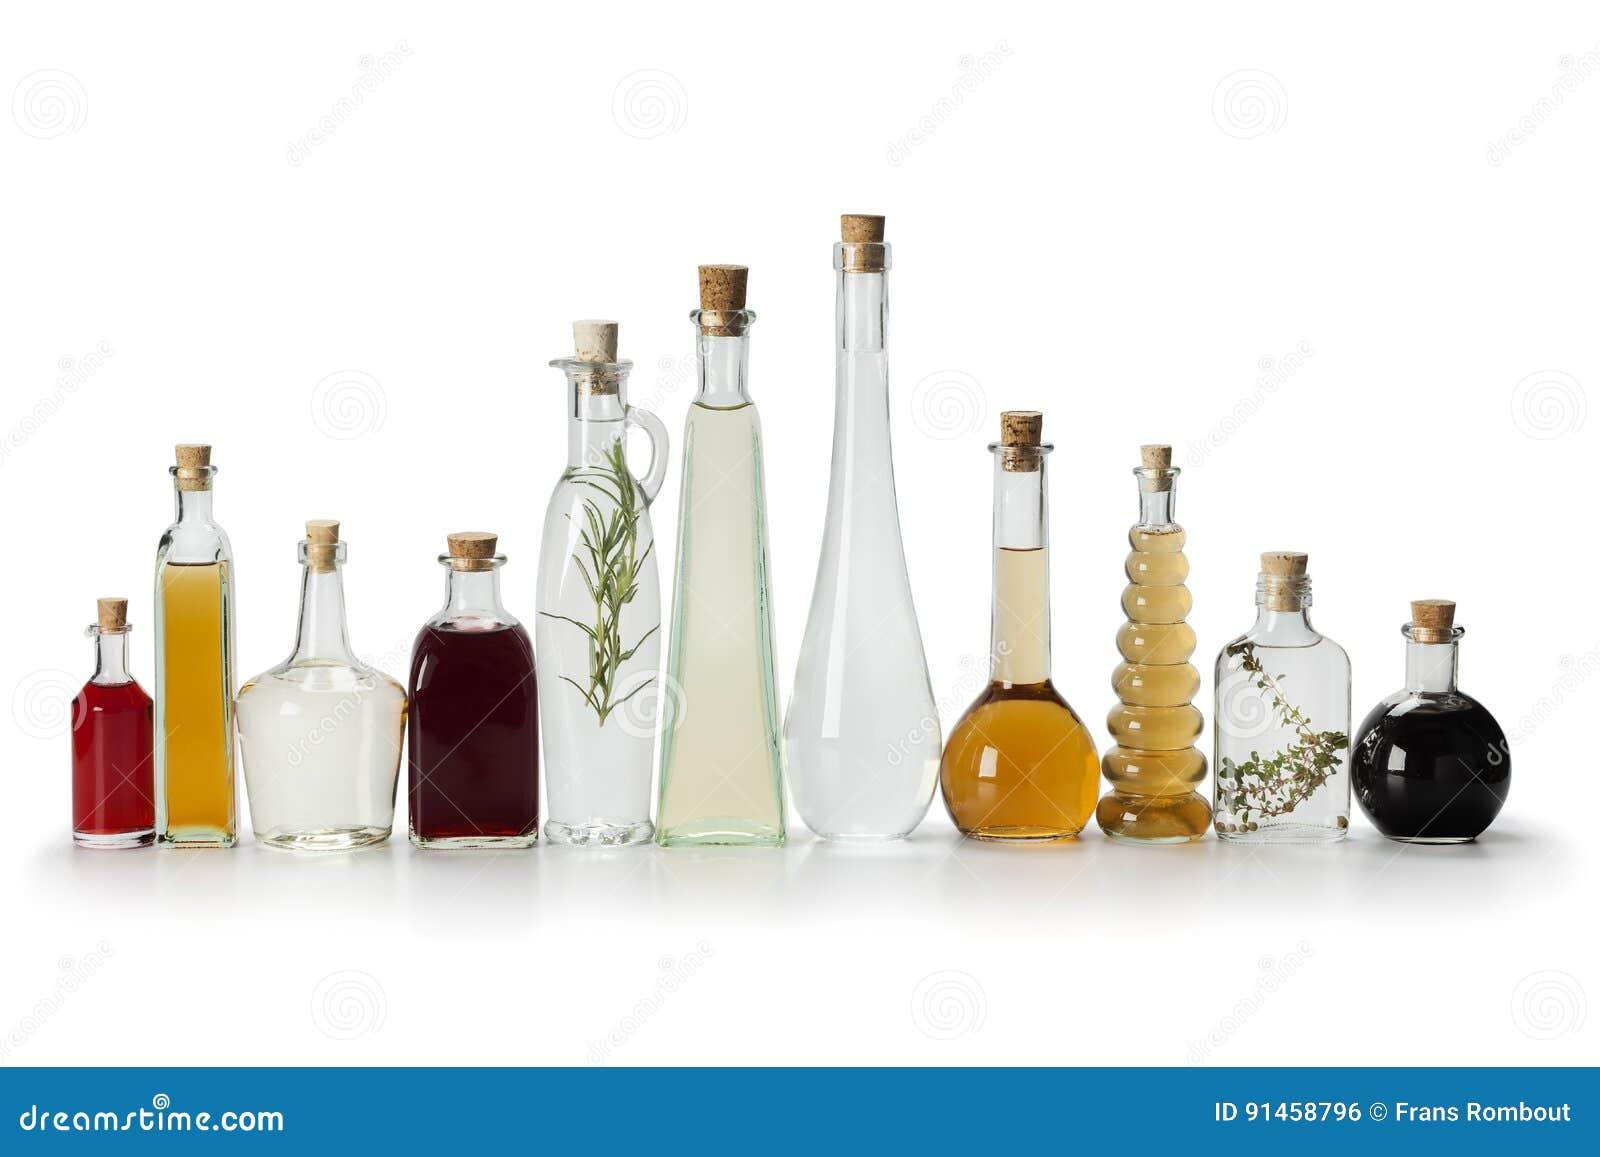 Reihe von Flaschen mit Essig